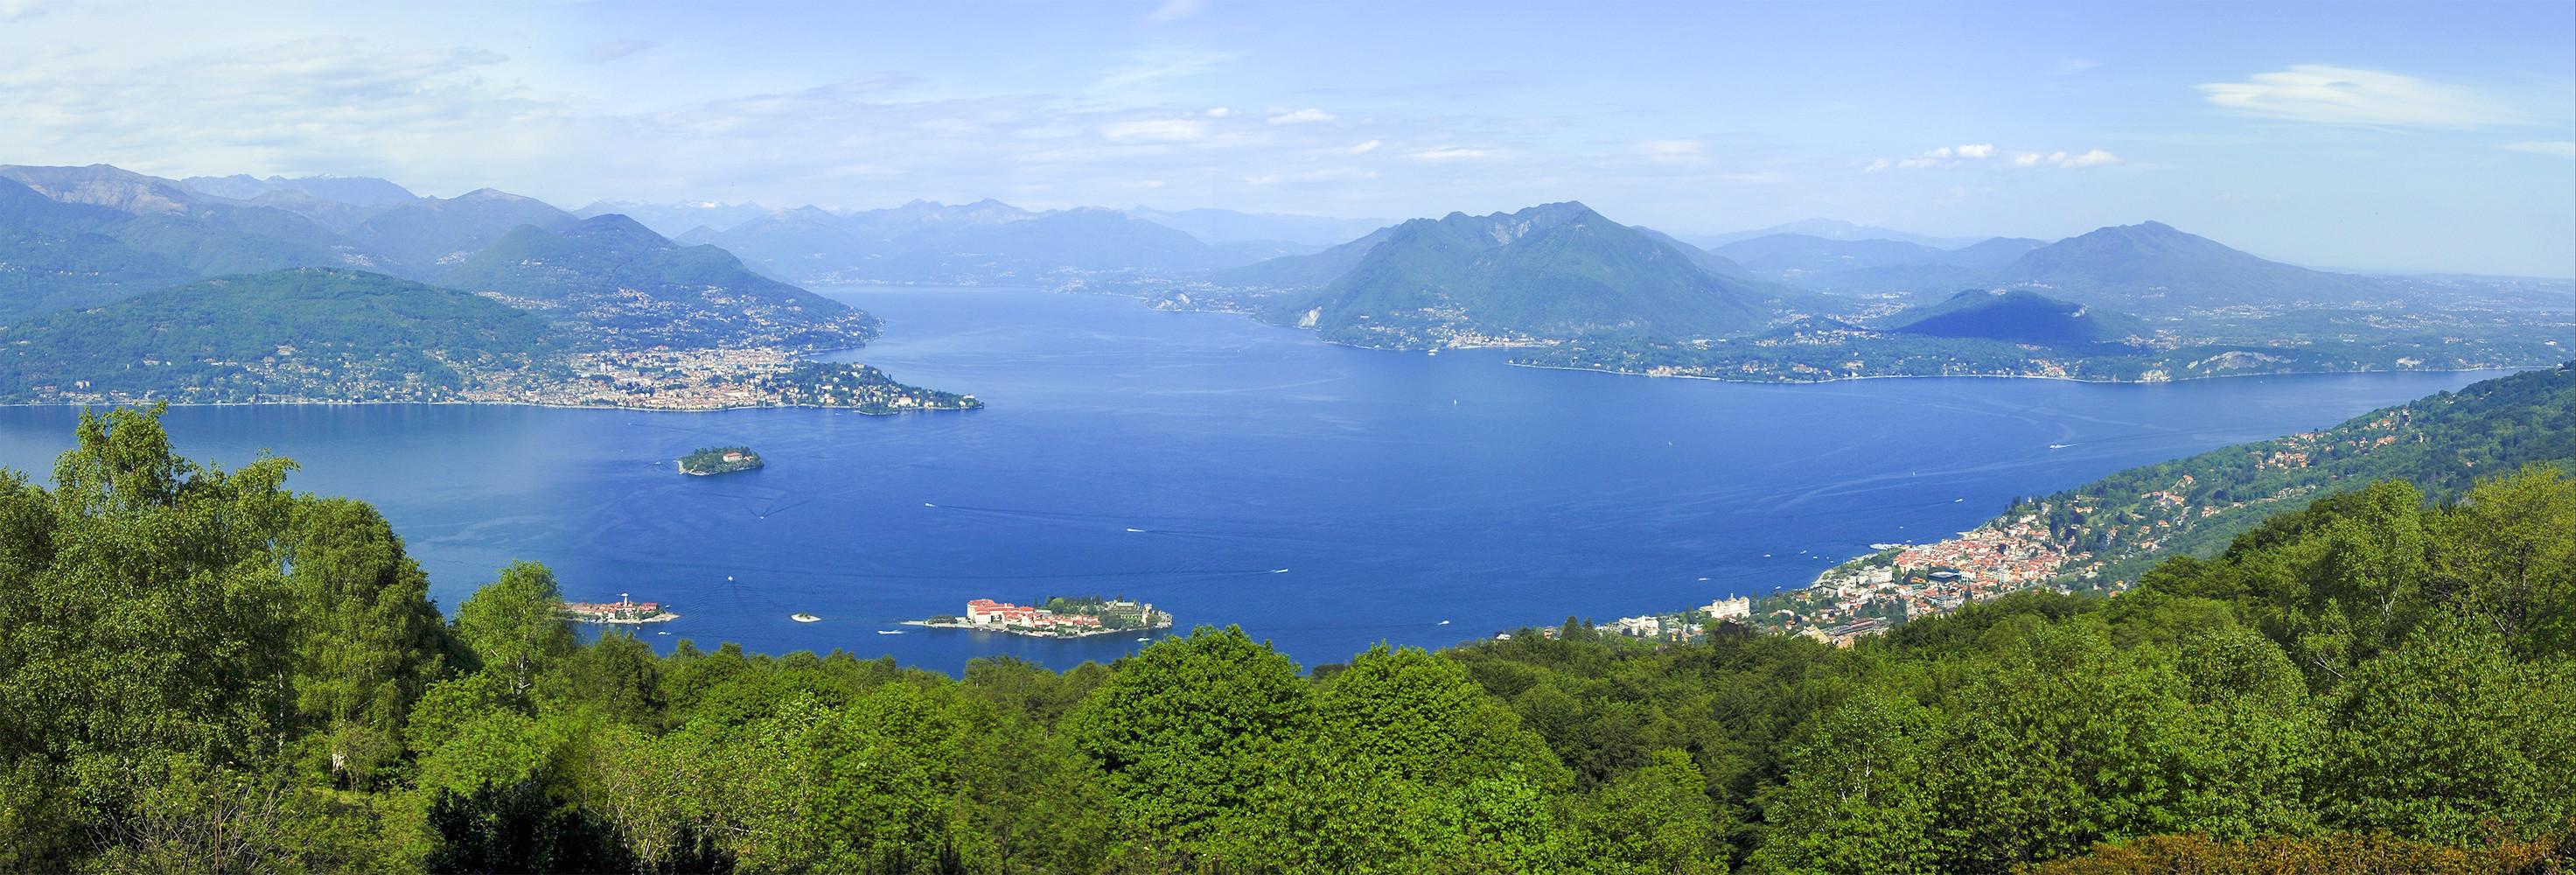 Lago Maggiore,<br>photo by G.Parazzoli: Distretto Turistico dei Laghi